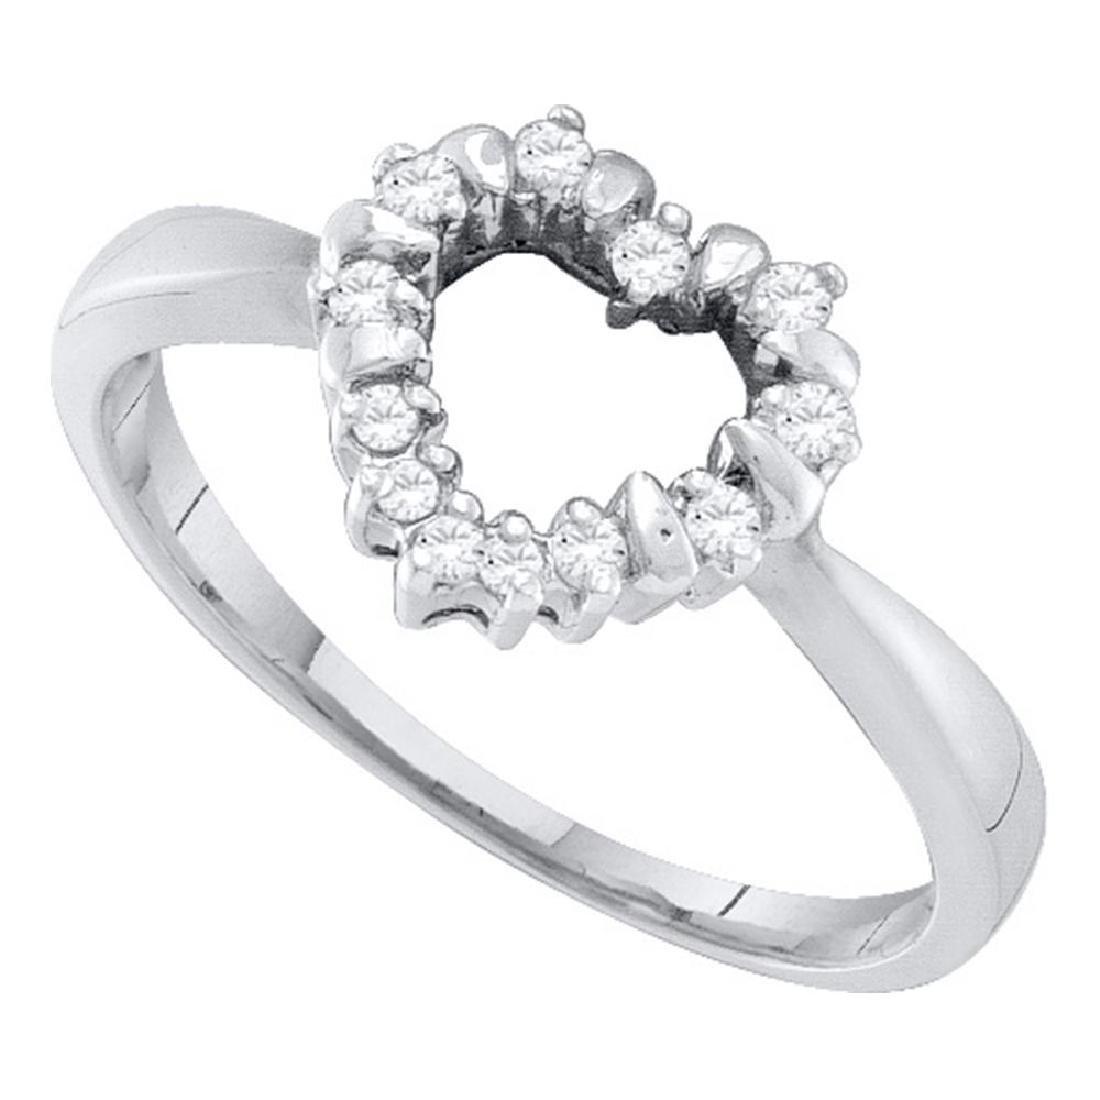 0.10 CTW Diamond Heart Outline Ring 10KT White Gold -